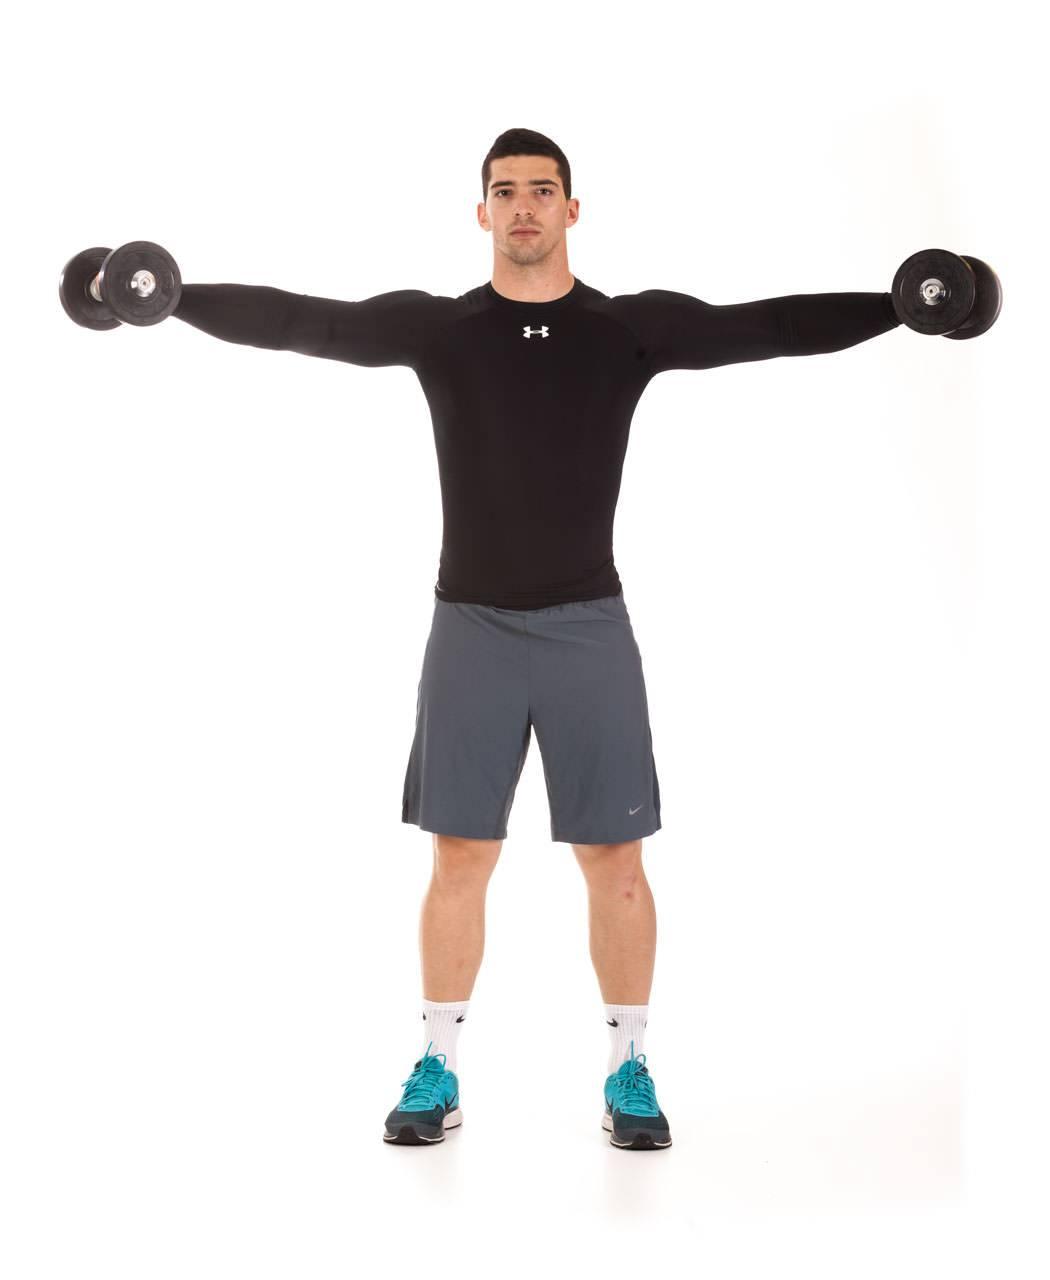 Хочешь широкие плечи? узнай, как правильно делать разведение гантелей стоя!